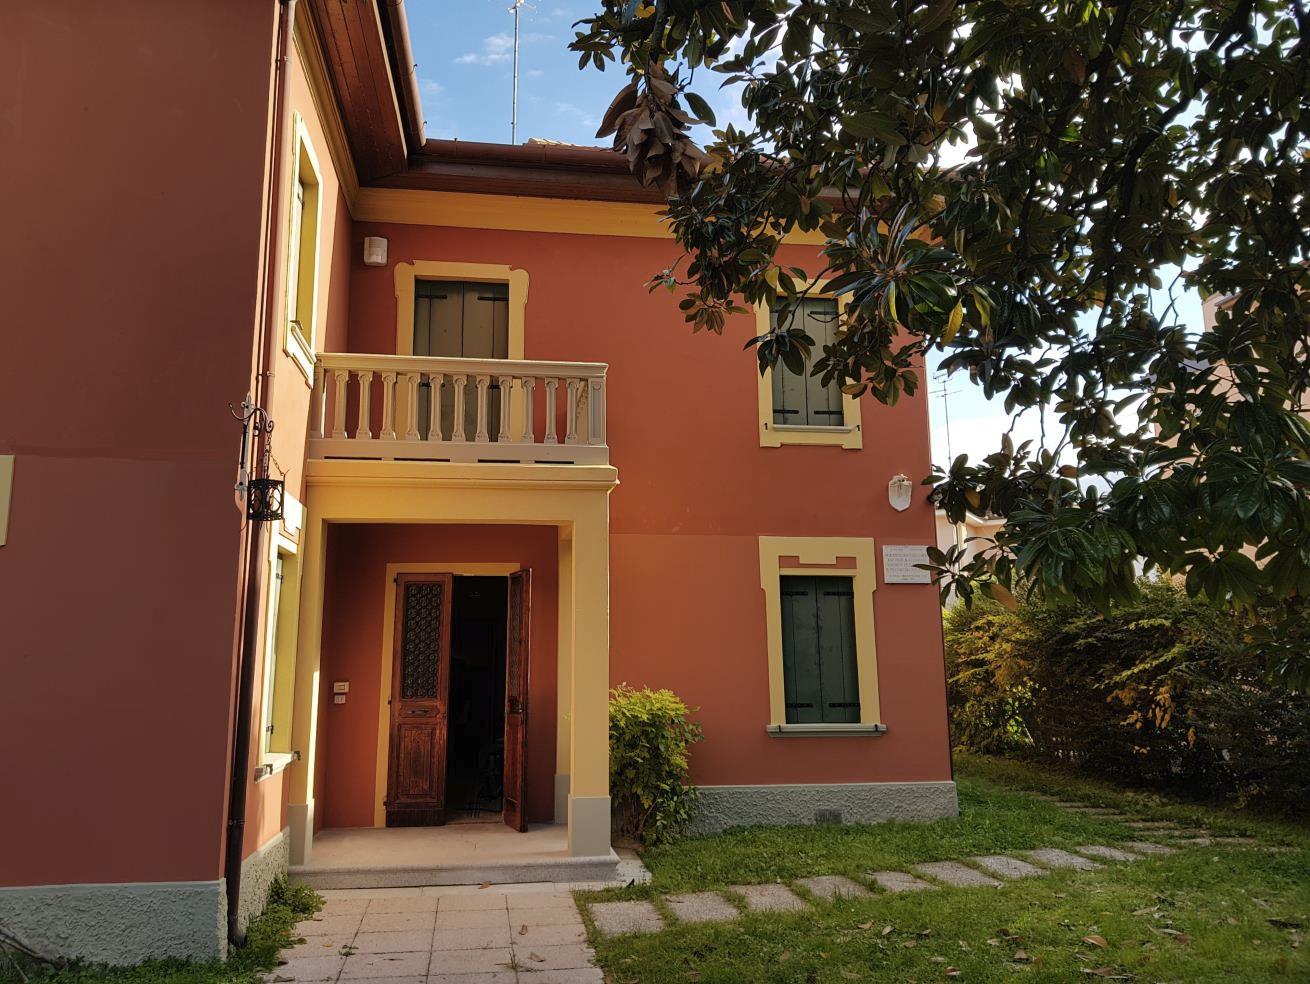 Casa Mazzarolli